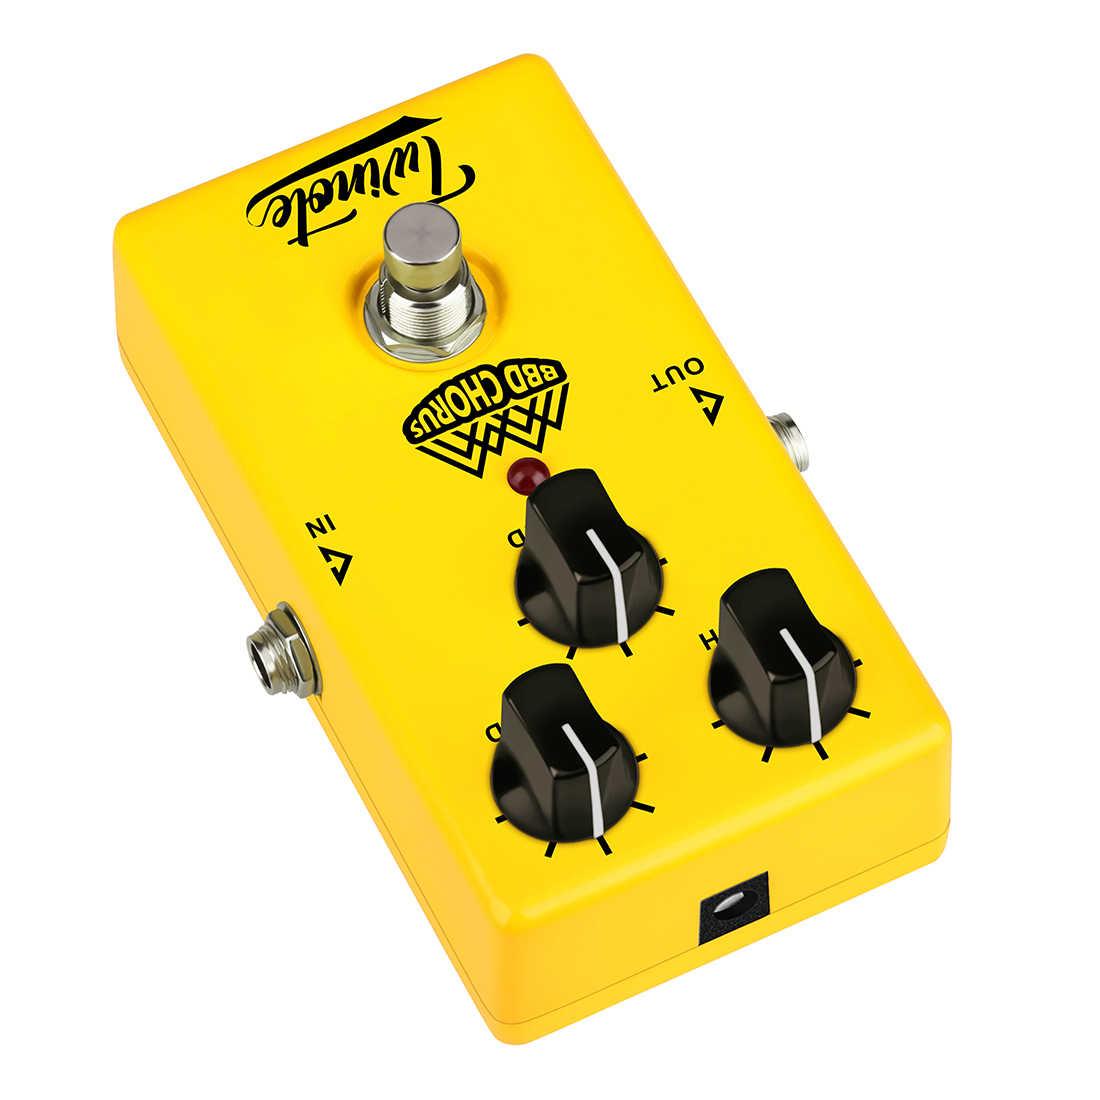 Twinote صحيح الالتفافية التناظرية جوقة تأثيرات الغيتار دواسة تأثير المعالج للكهرباء الغيتار-BBD جوقة الكهربائية الغيتار أجزاء